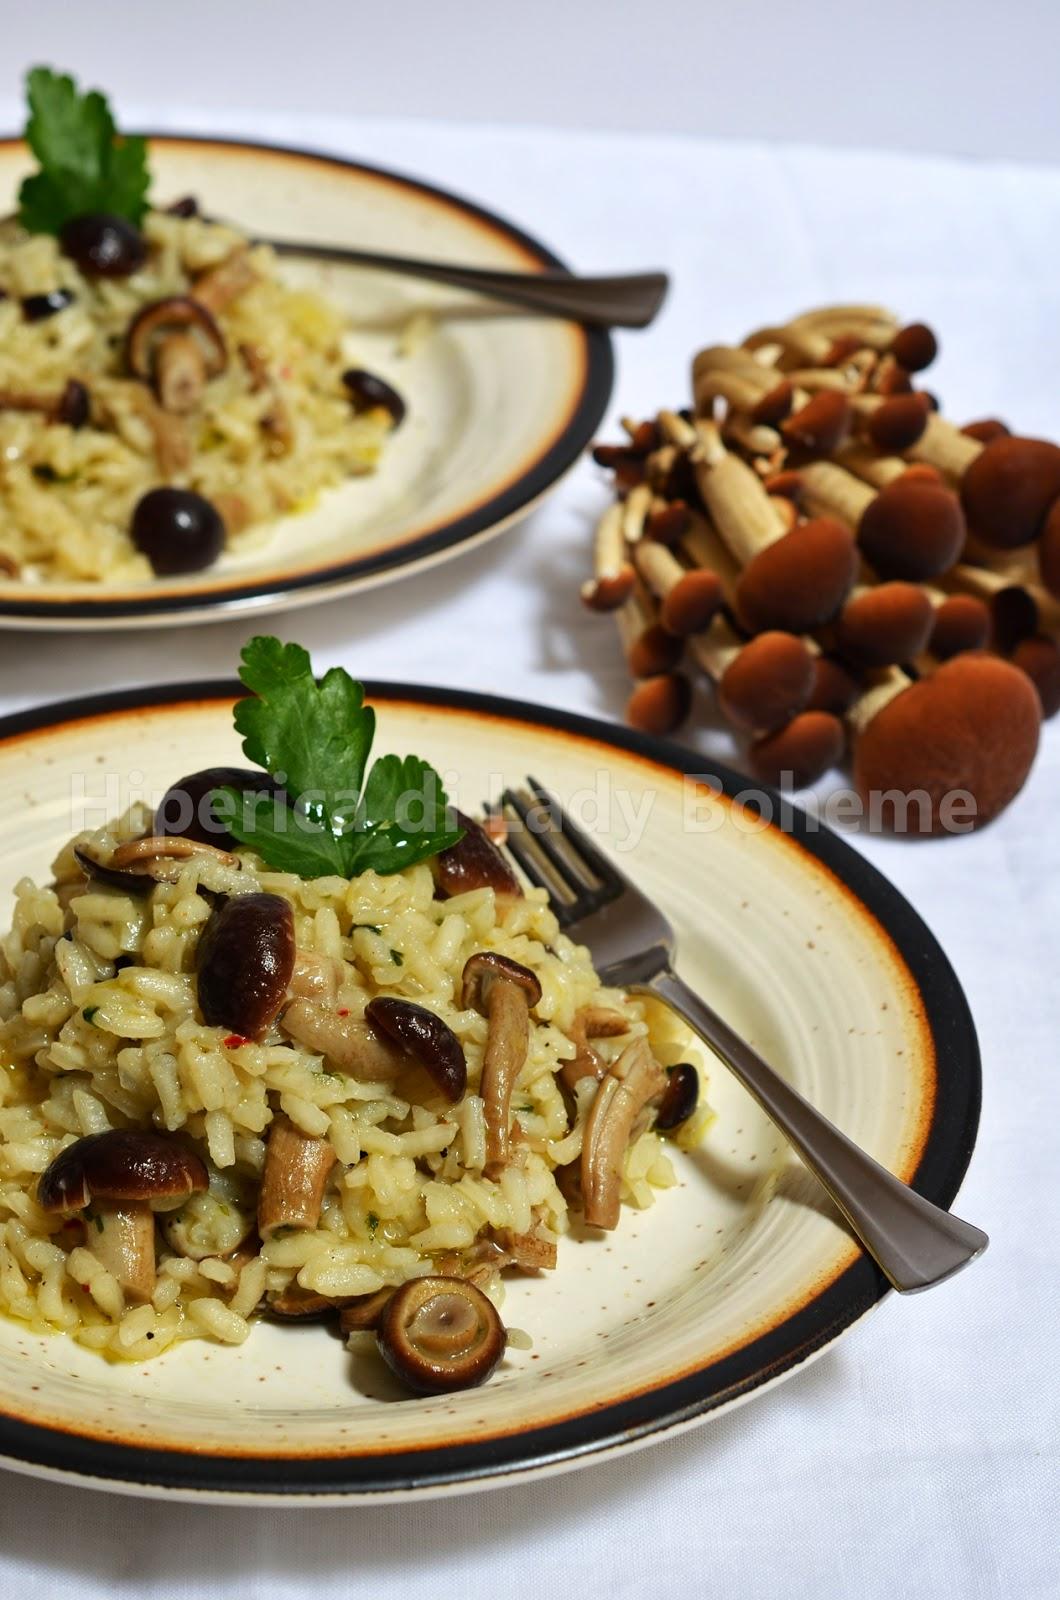 hiperica_lady_boheme_blog_cucina_ricette_gustose_facili_veloci_risotto_con_funghi_pioppini_2